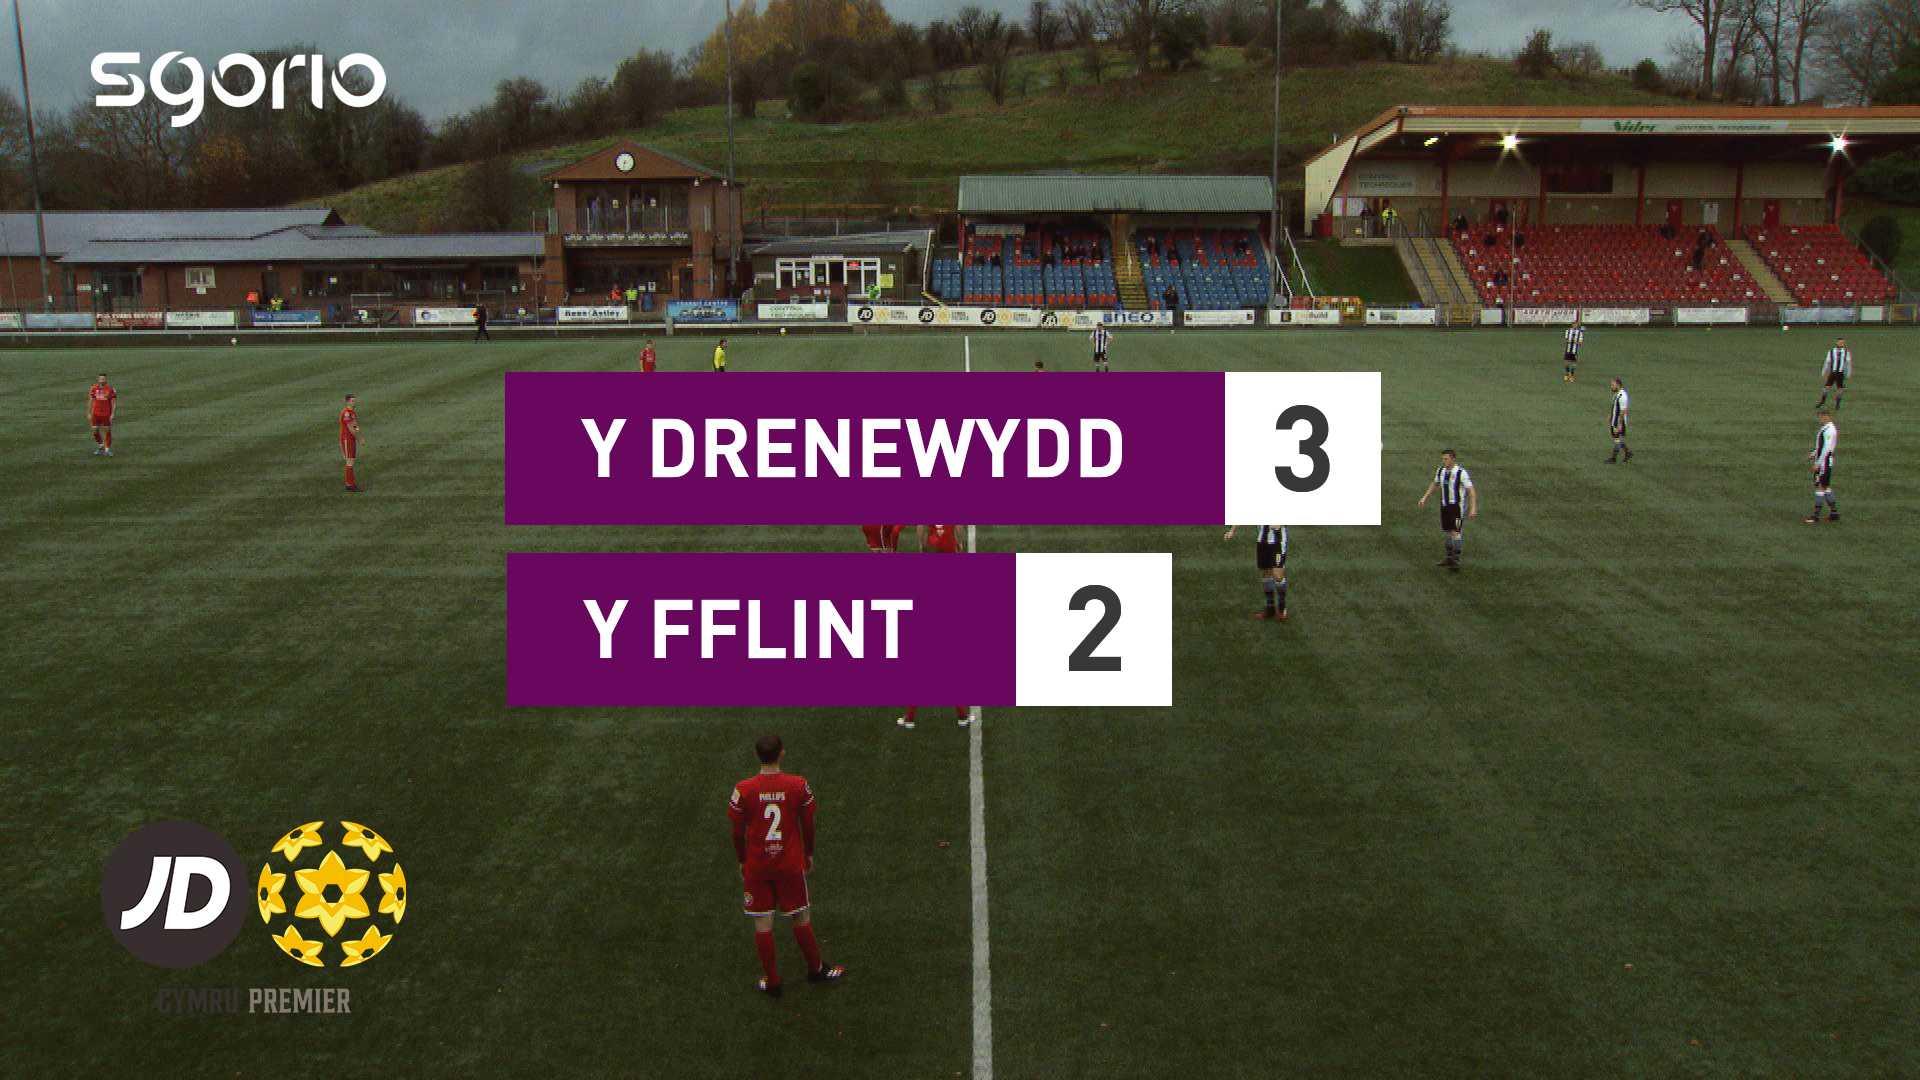 Y Drenewydd 3-2 Y Fflint